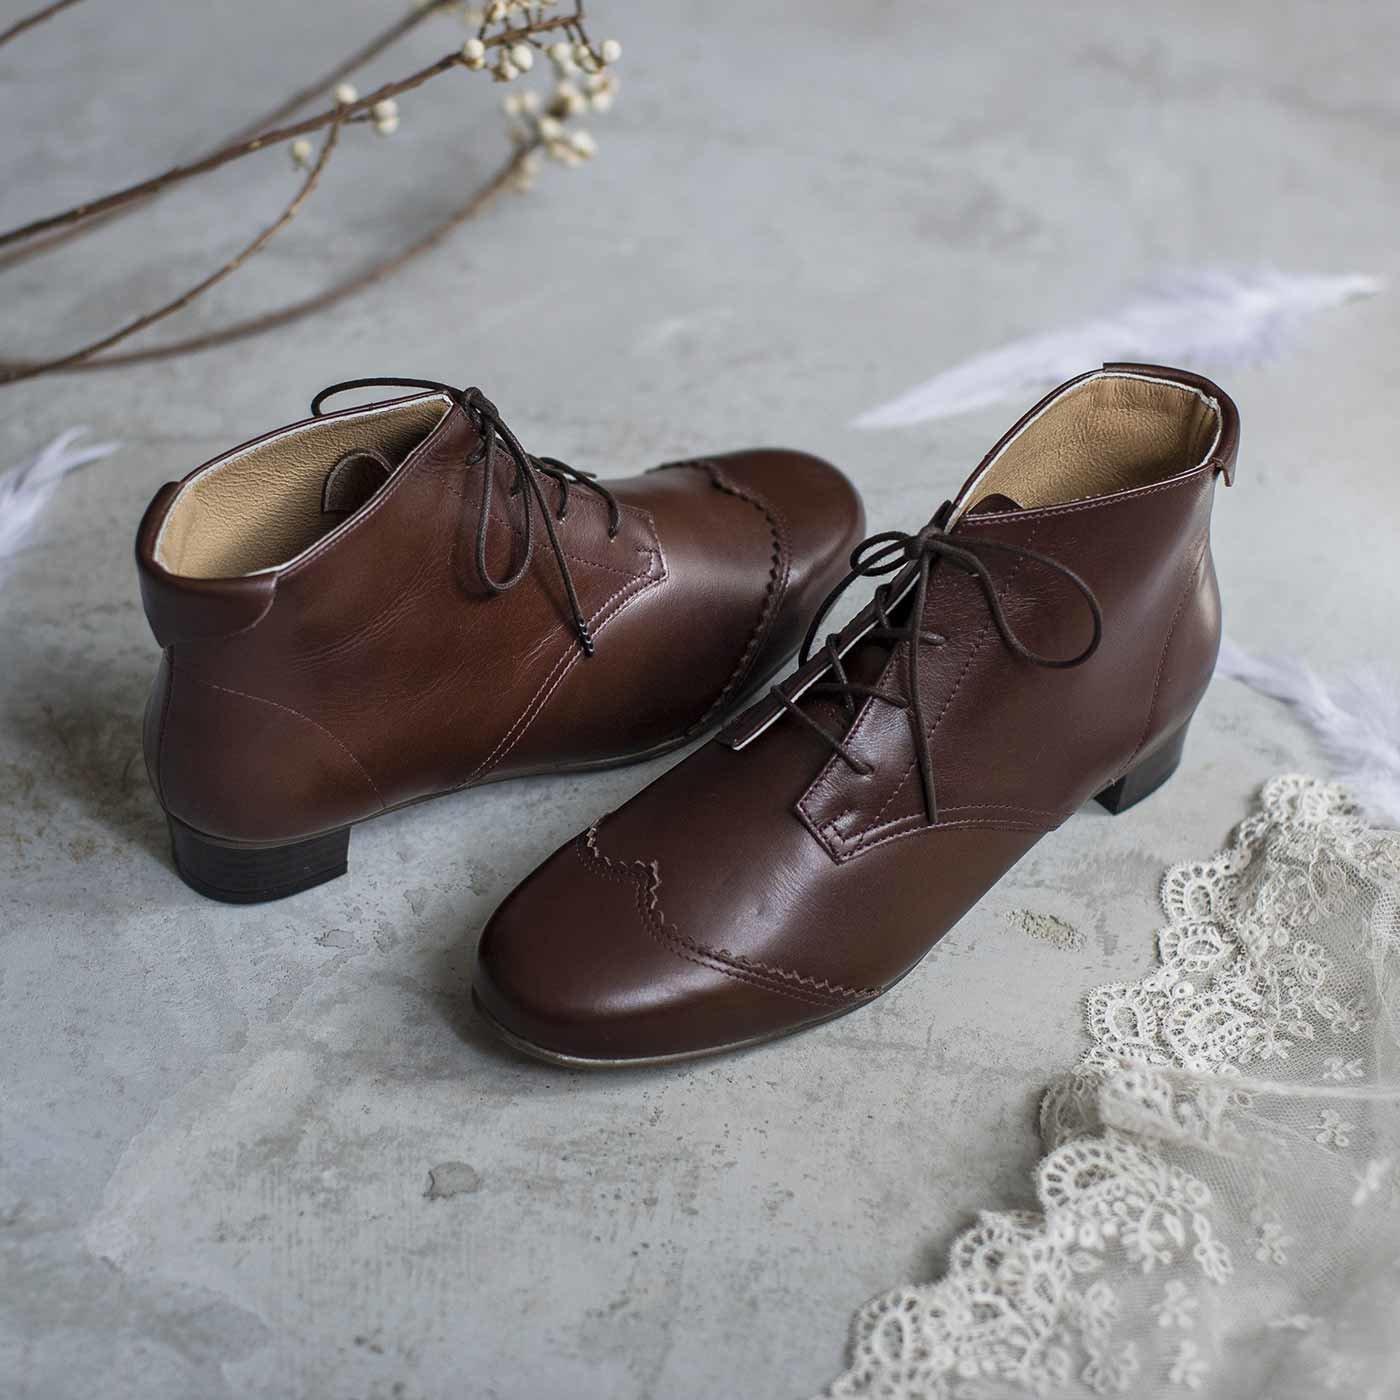 長田靴職人の本革仕立て 華麗(かれい)なスワンブーツ〈ブラウン〉[本革 ブーツ:日本製]